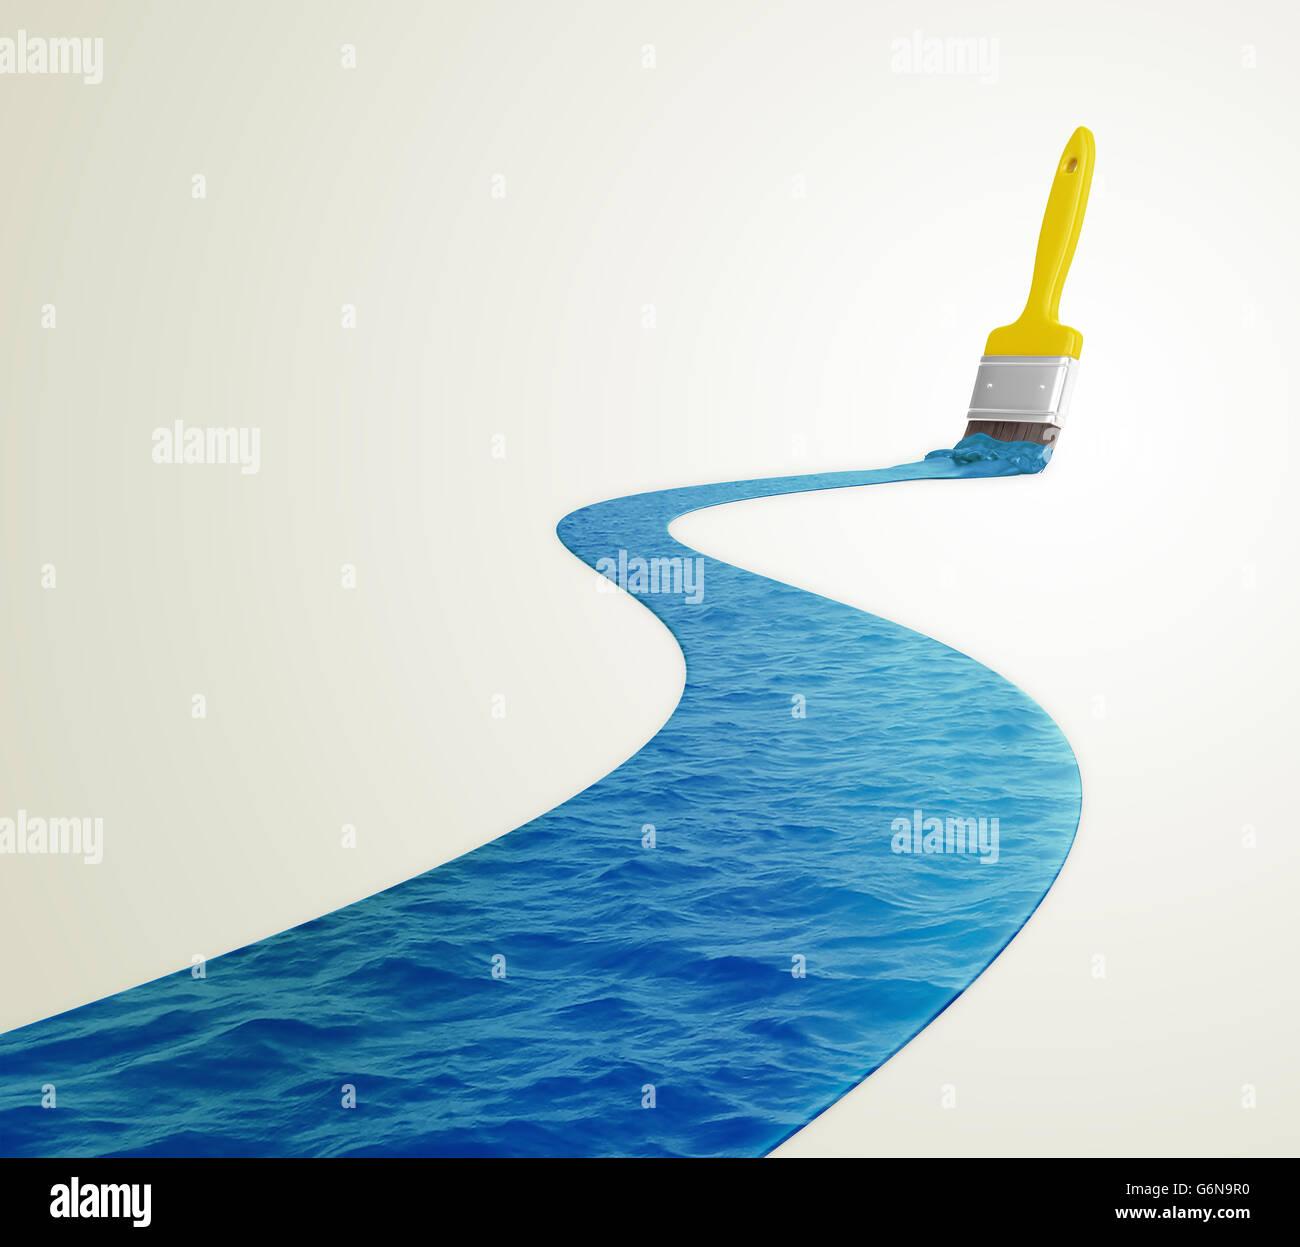 El agua pintada con un pincel - Ilustración 3D Imagen De Stock